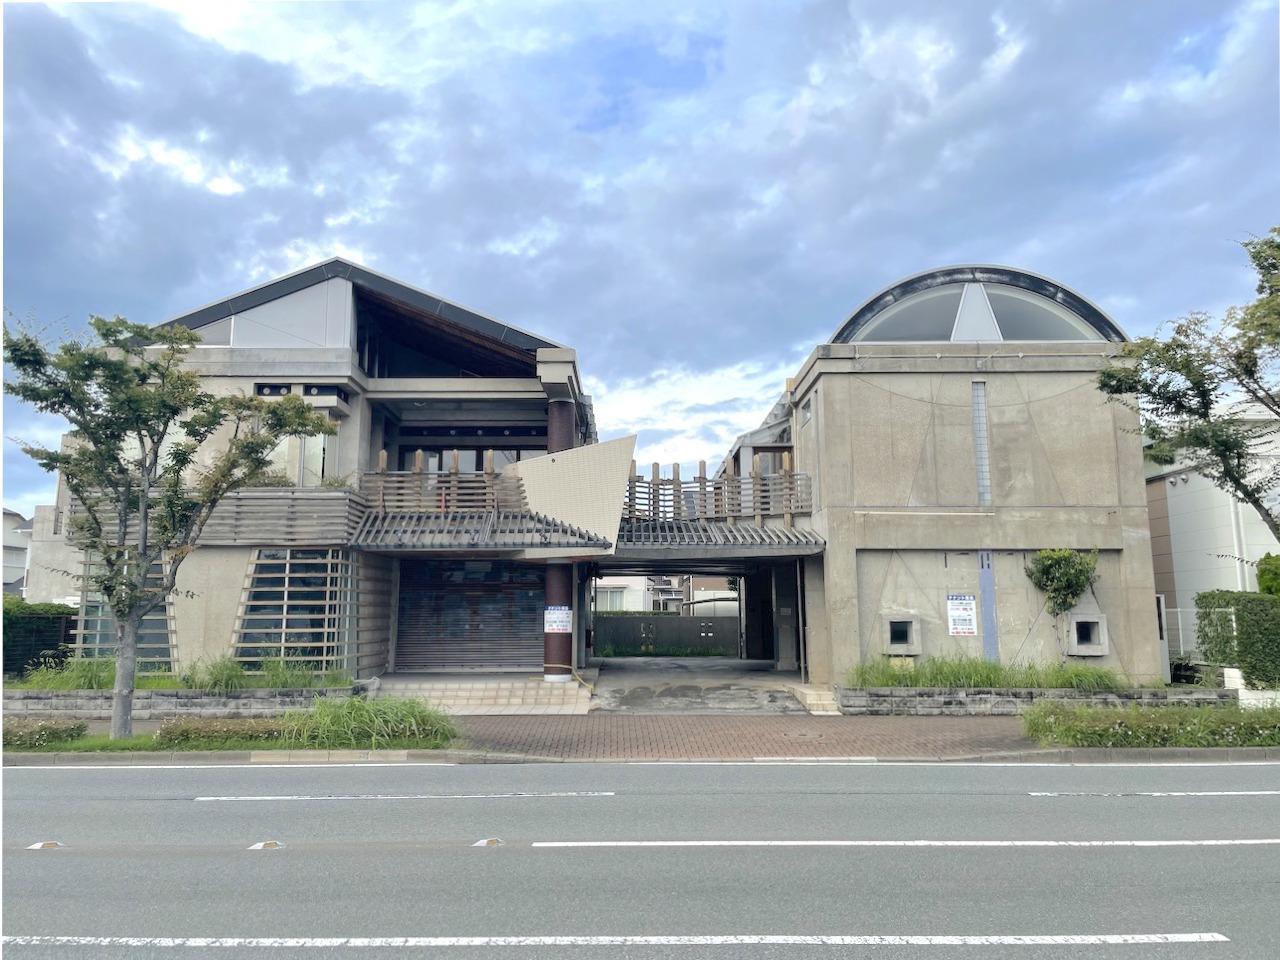 日田杉とRCのアートな要塞 (福岡市西区愛宕浜の物件) - 福岡R不動産